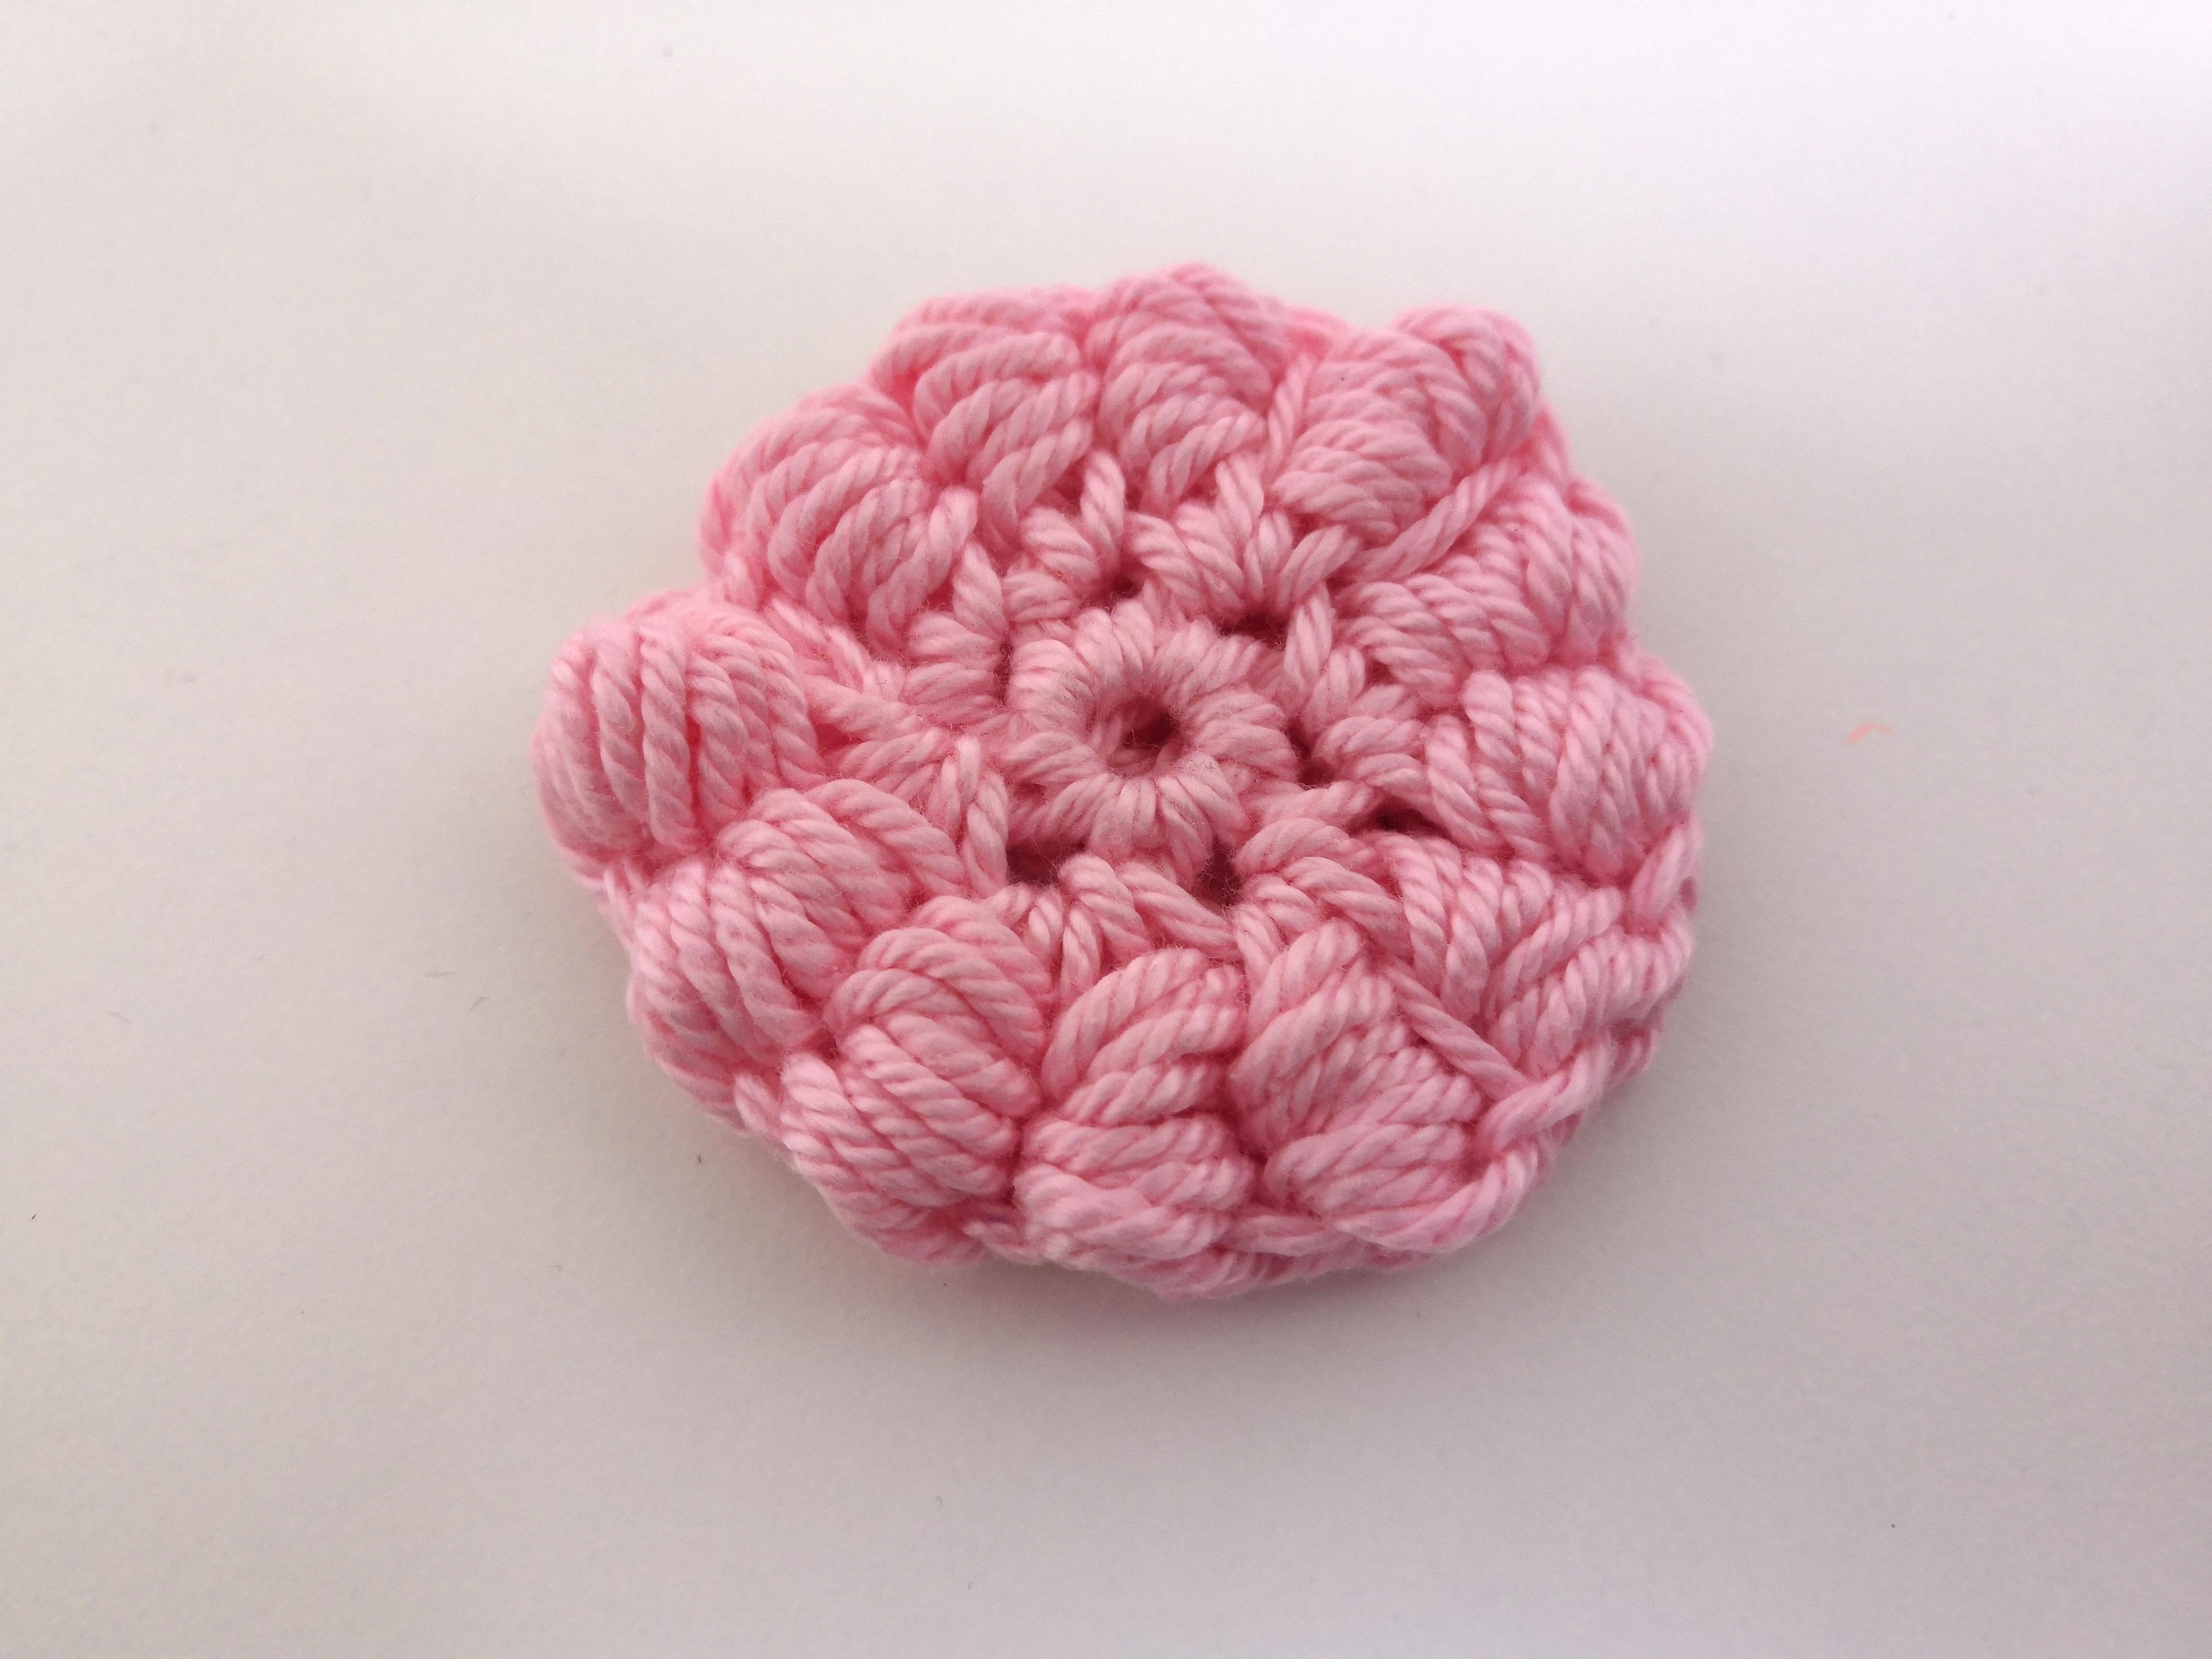 Staafsteek - bullion stitch